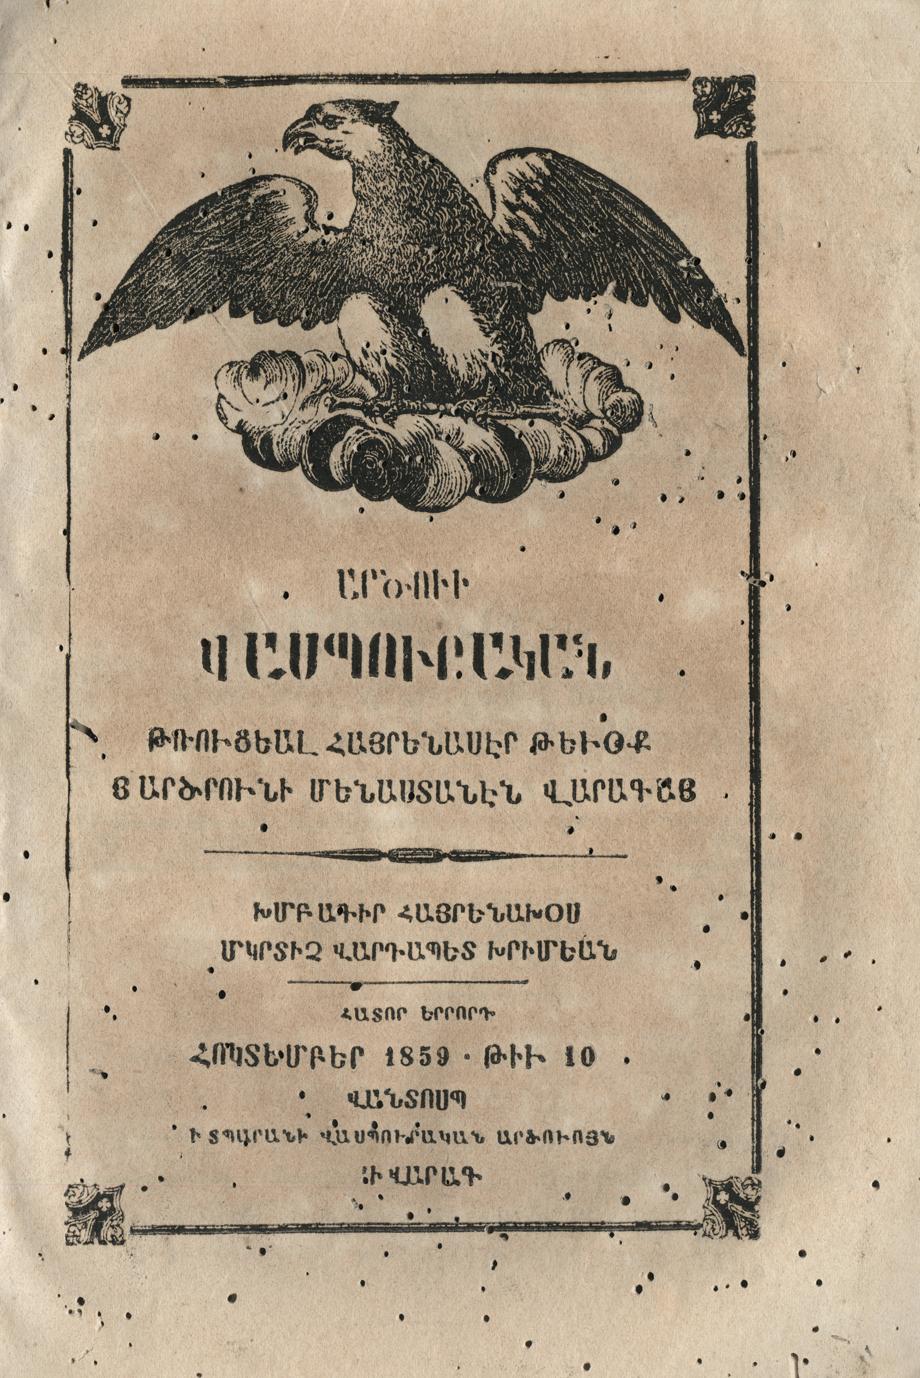 Արծուի Վասպուրական. Հոկտեմբեր 1859, թիւ 10, տպուած՝ Վարագ